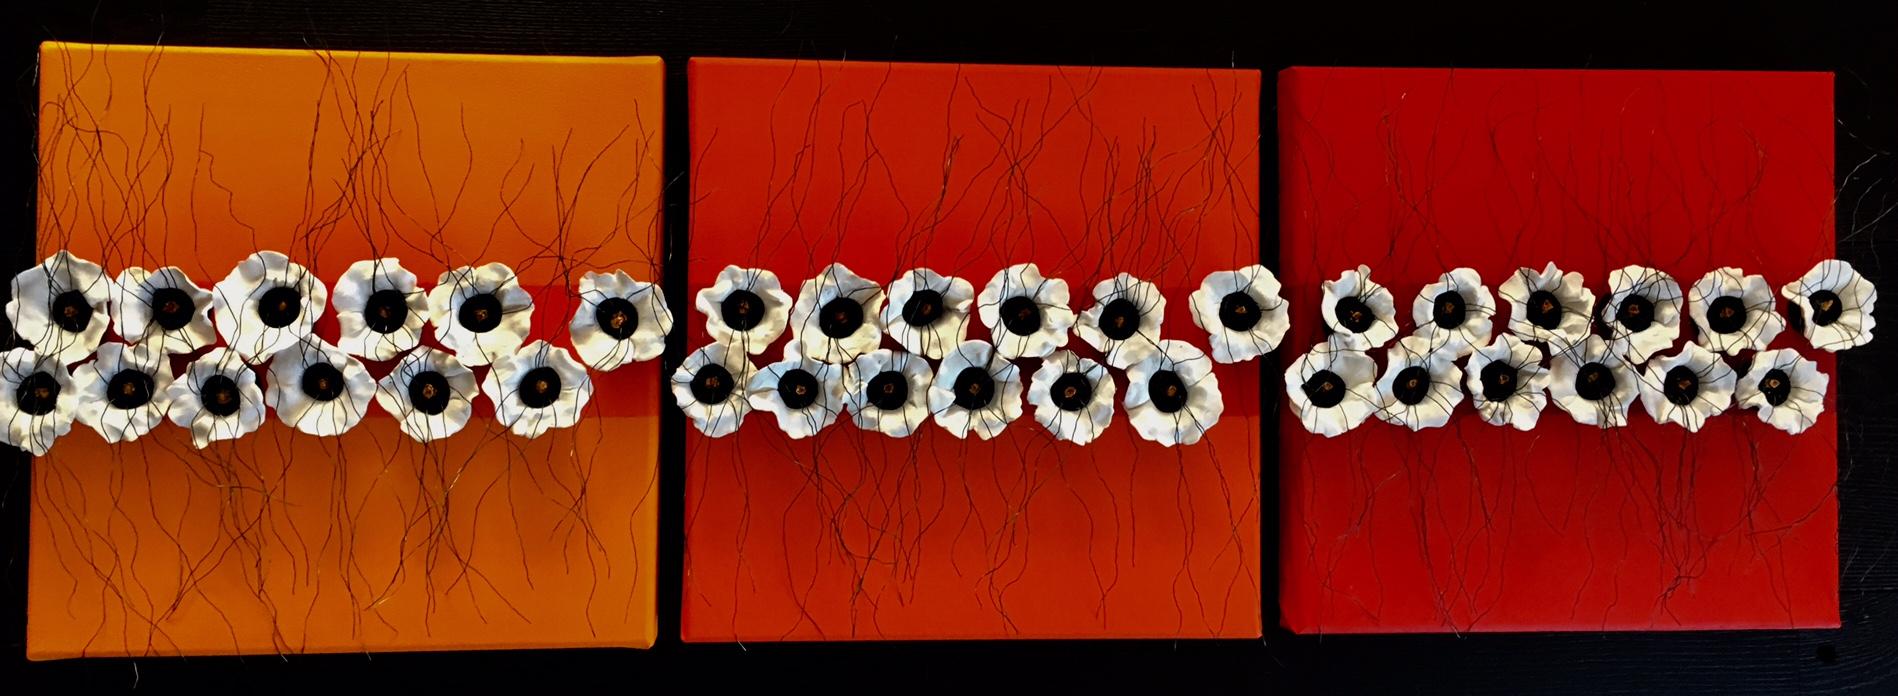 3 luik met witte bloempjes en ijzerdraad